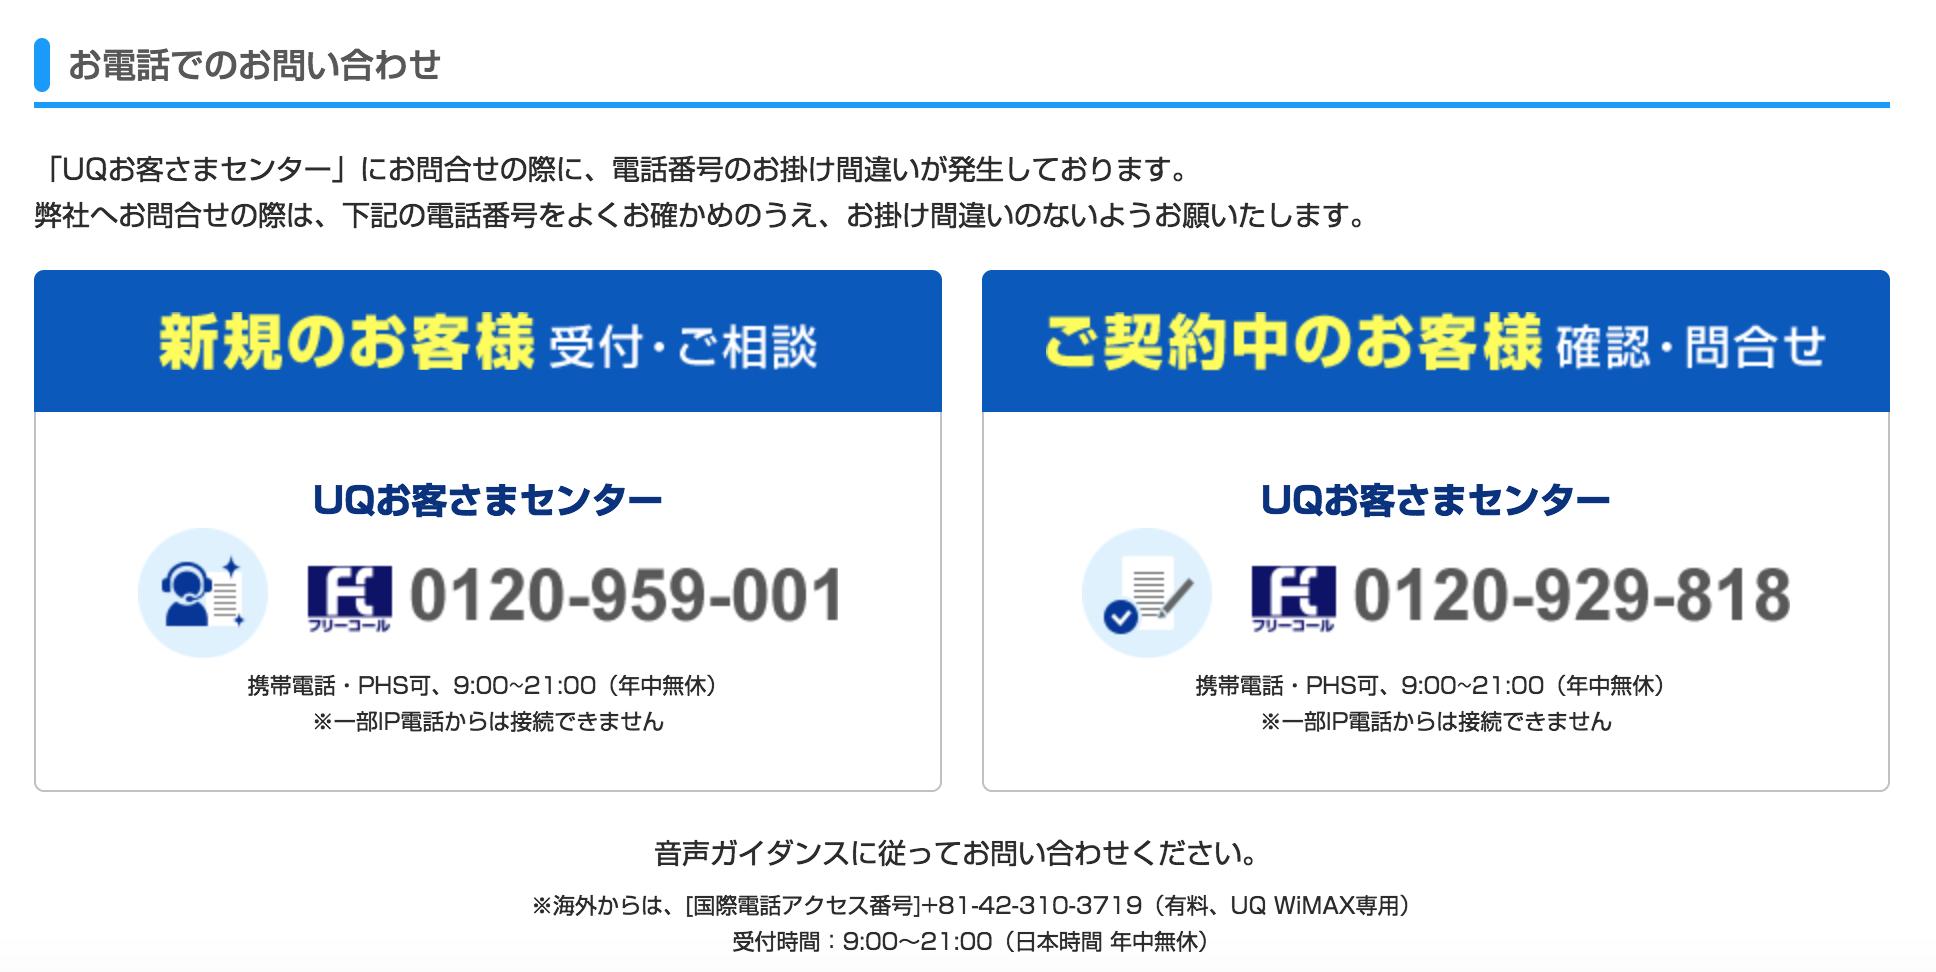 UQお客様お問い合わせセンター利用手順2